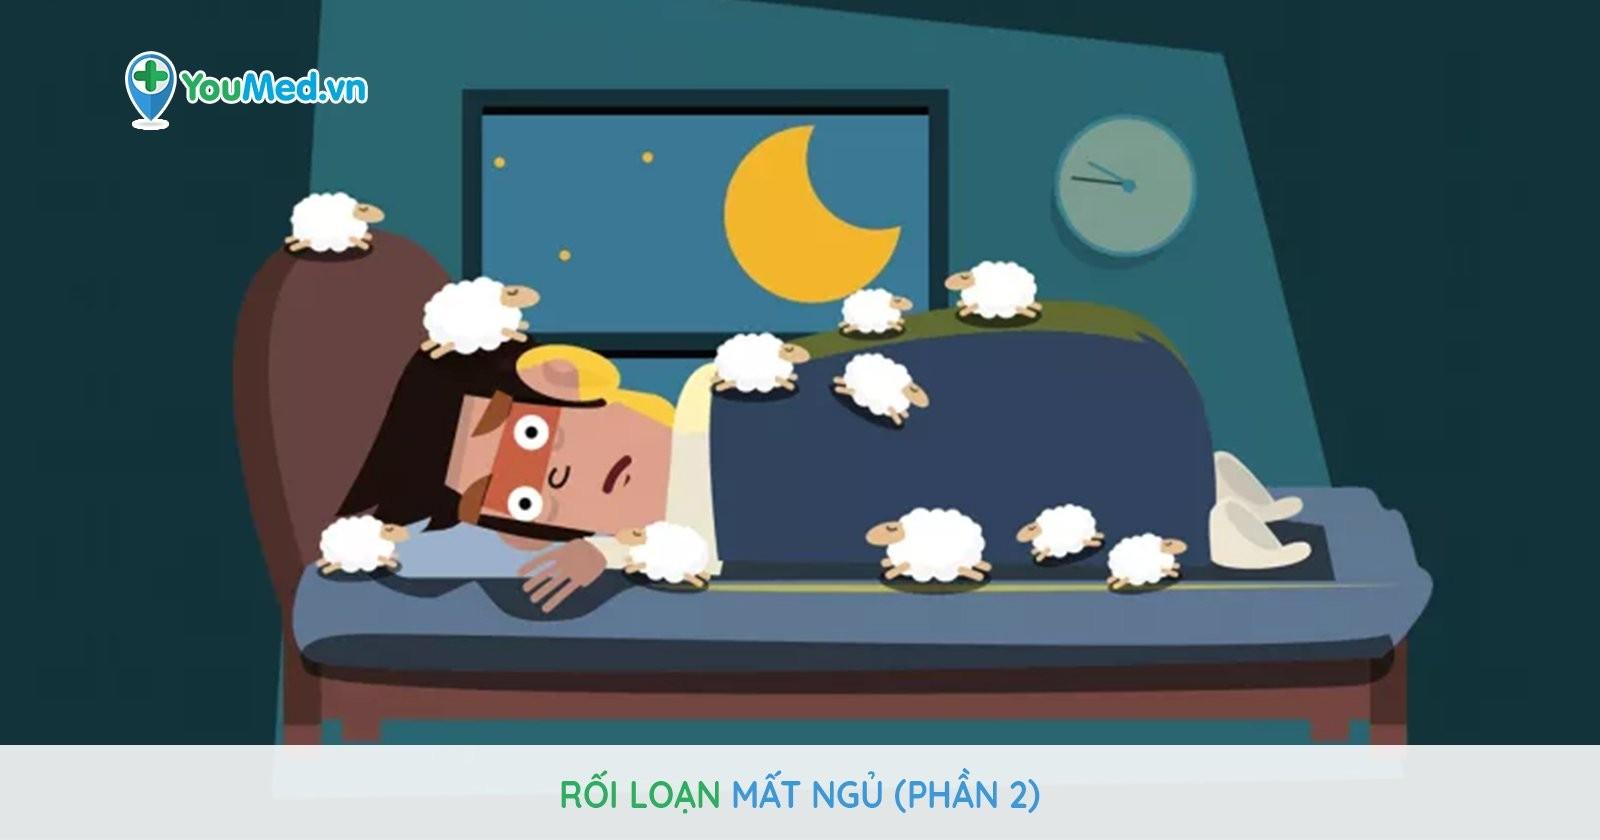 Rối loạn mất ngủ (Phần 2)